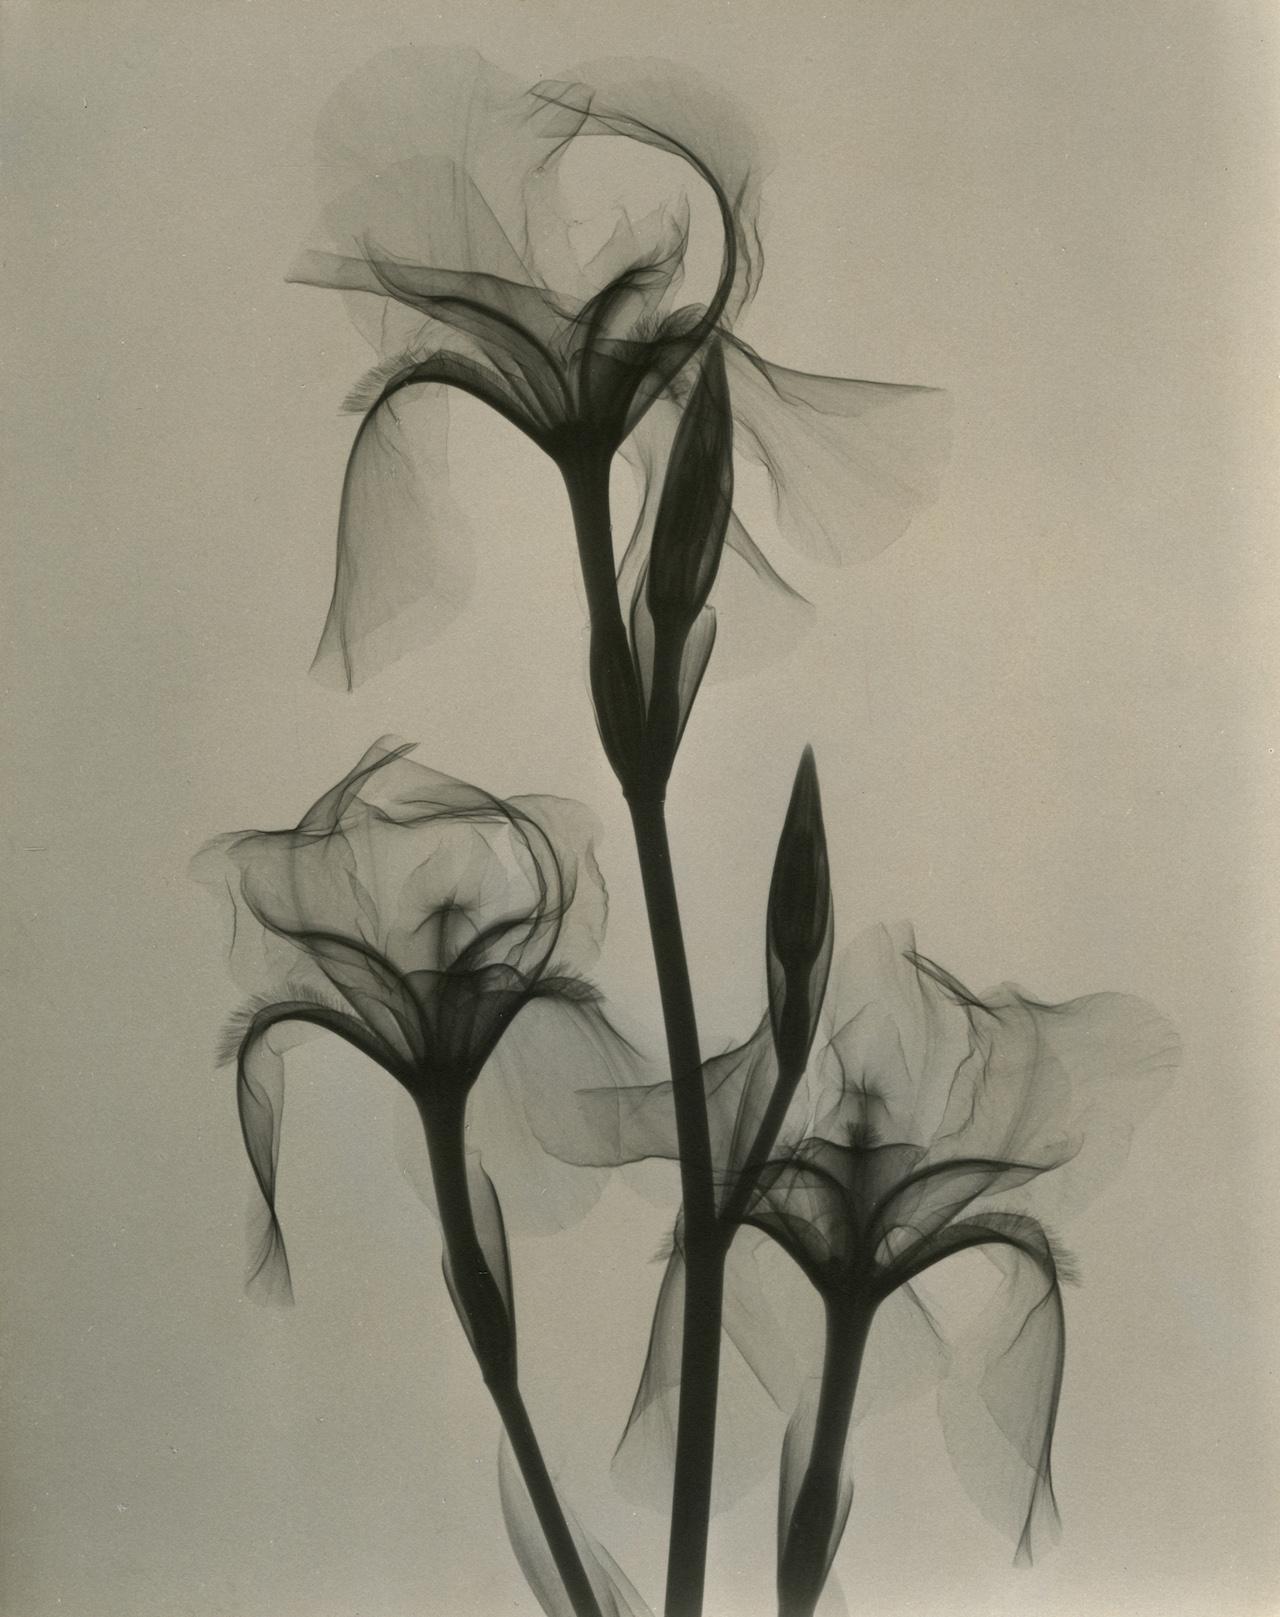 Dr. Dain L. Tasker, Fleur-de-lis, 1936